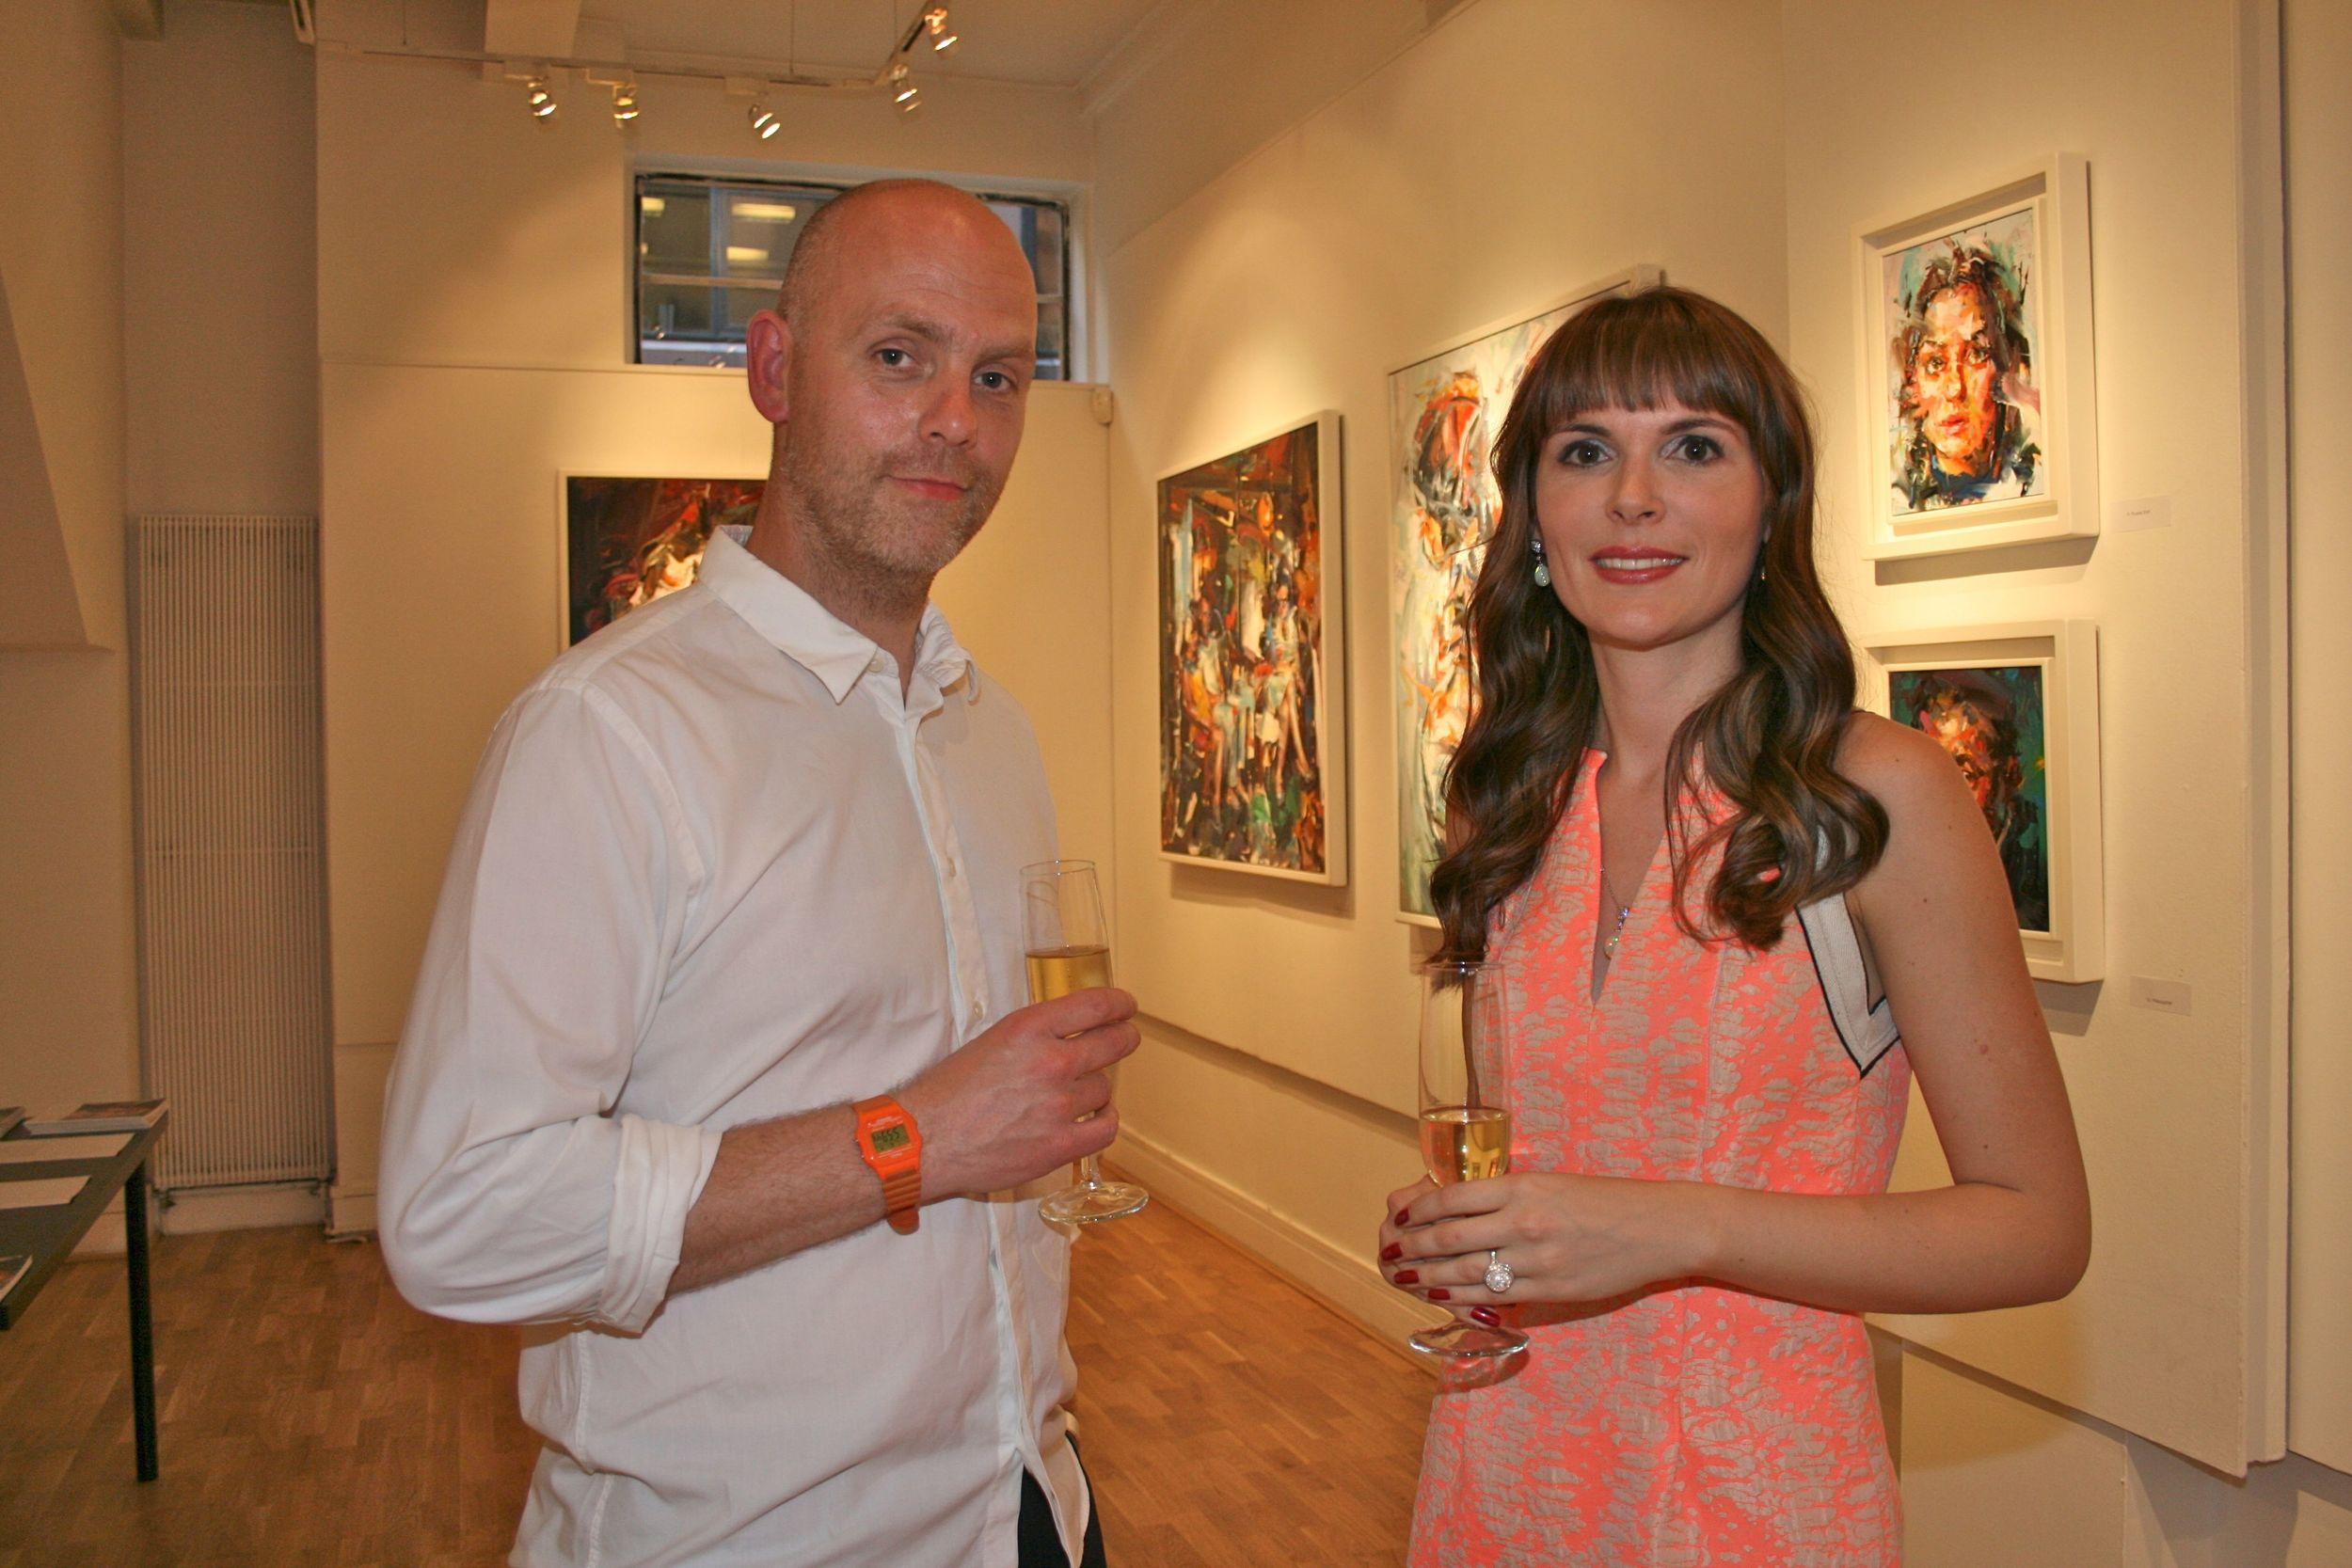 Paul Wright and Elena Shchukina PHOTO CREDIT: ANTONIA COULING